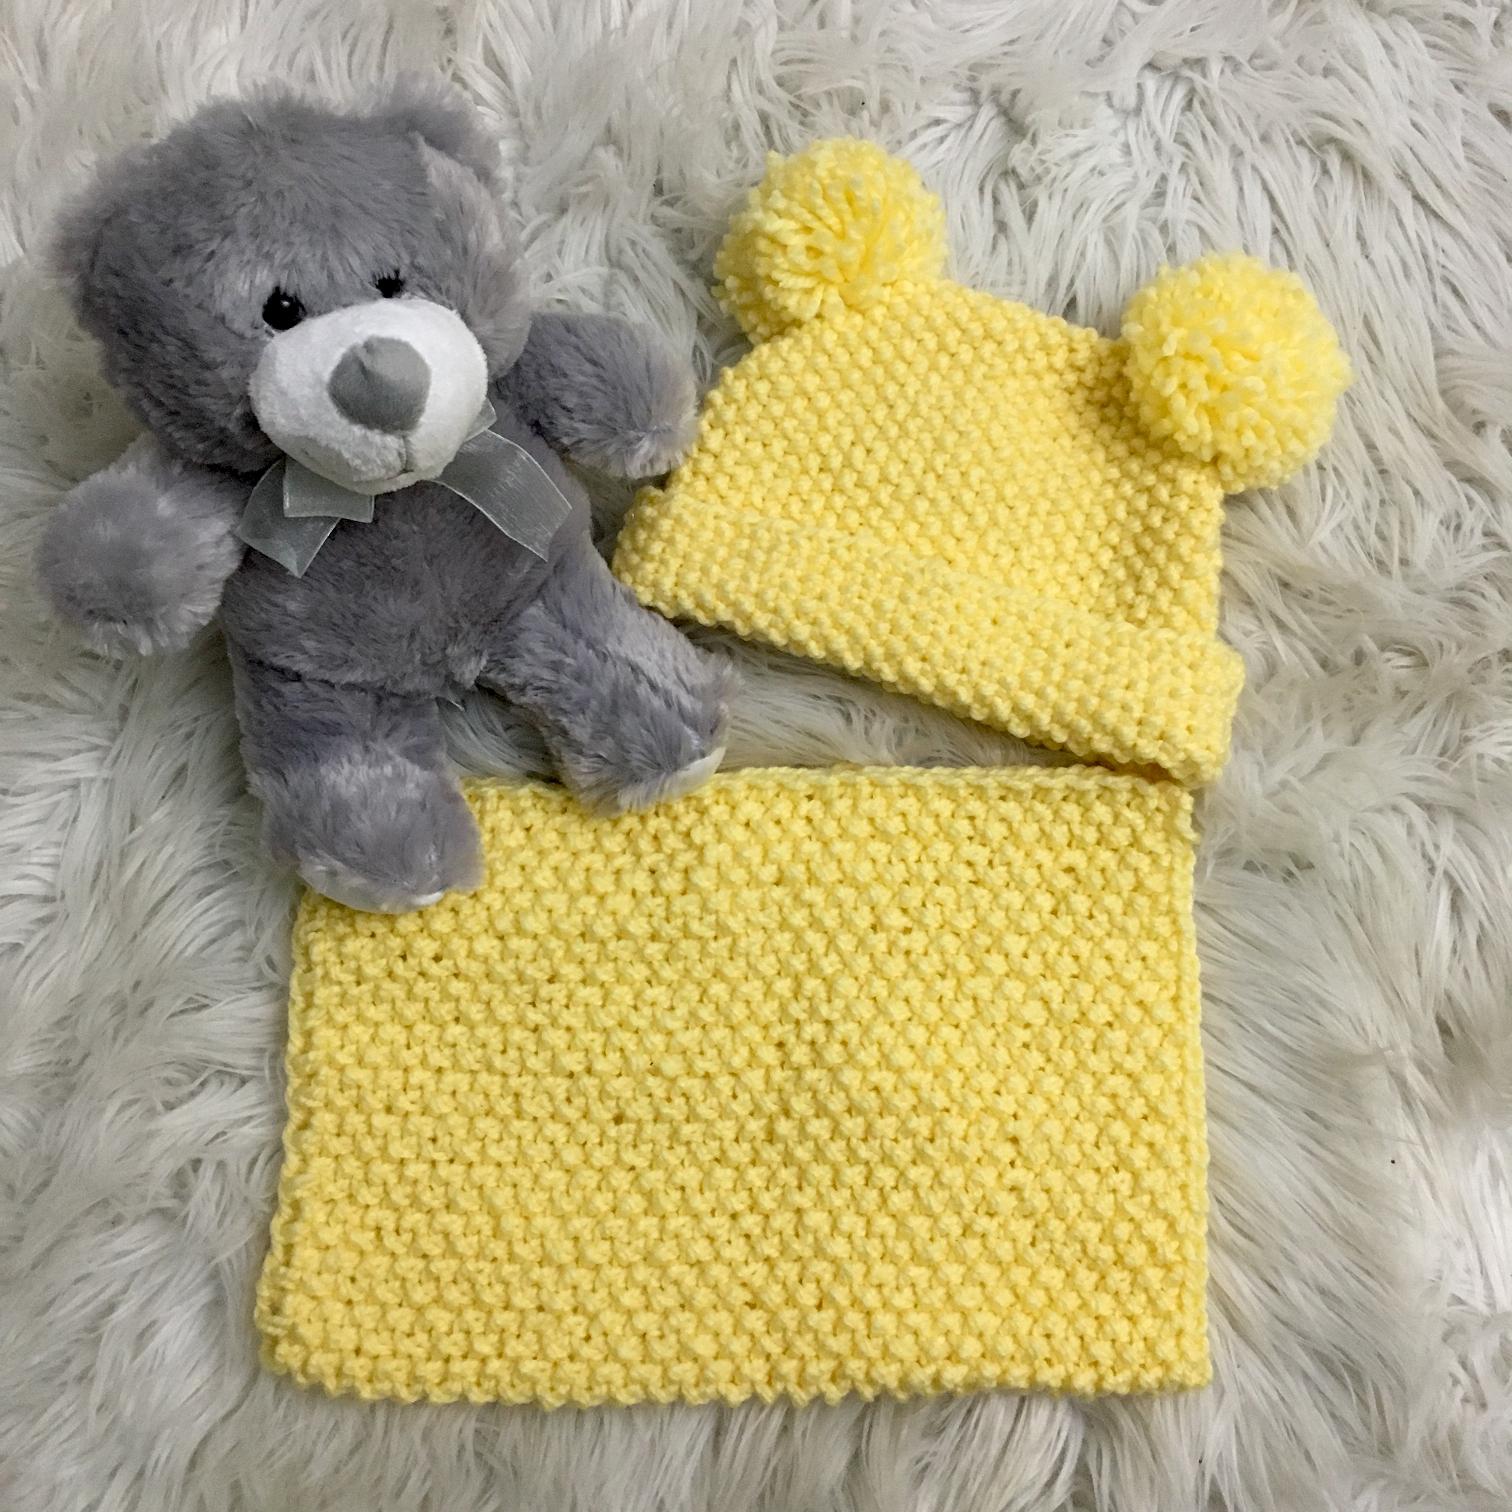 6a556e43b Pletená čiapka s nákrčníkom žltá (2-3 roky) - jupitershop.sk